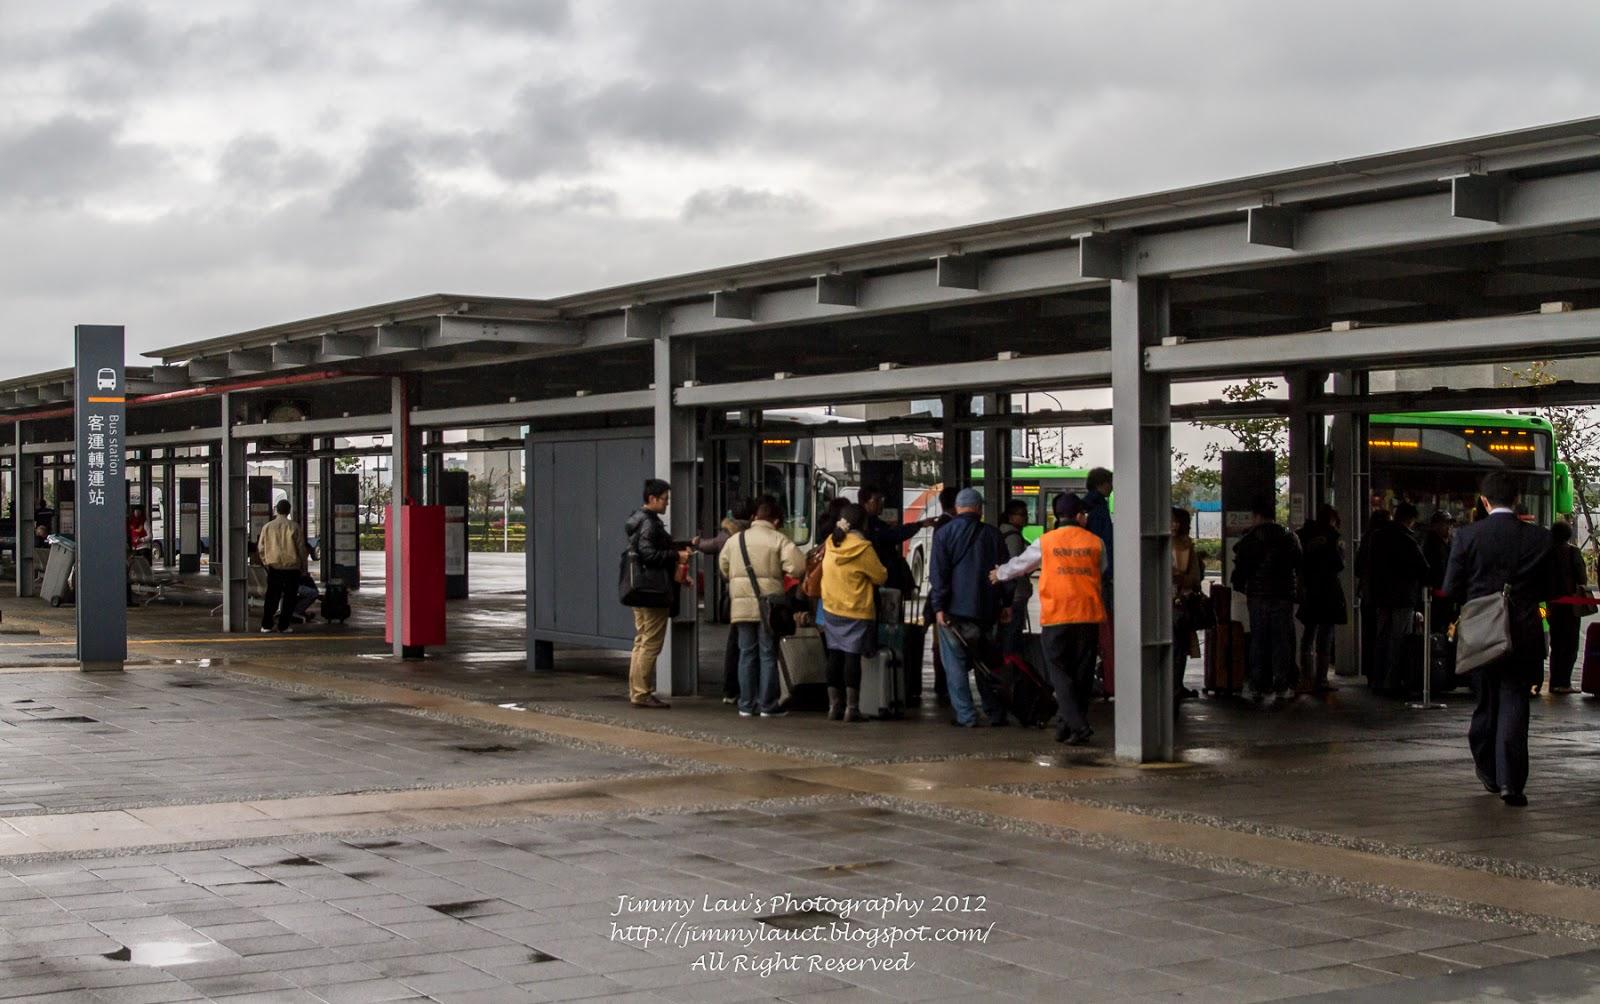 Jimmy的旅遊與攝影日誌: 從臺北桃園國際機場乘高鐵經臺中到清境